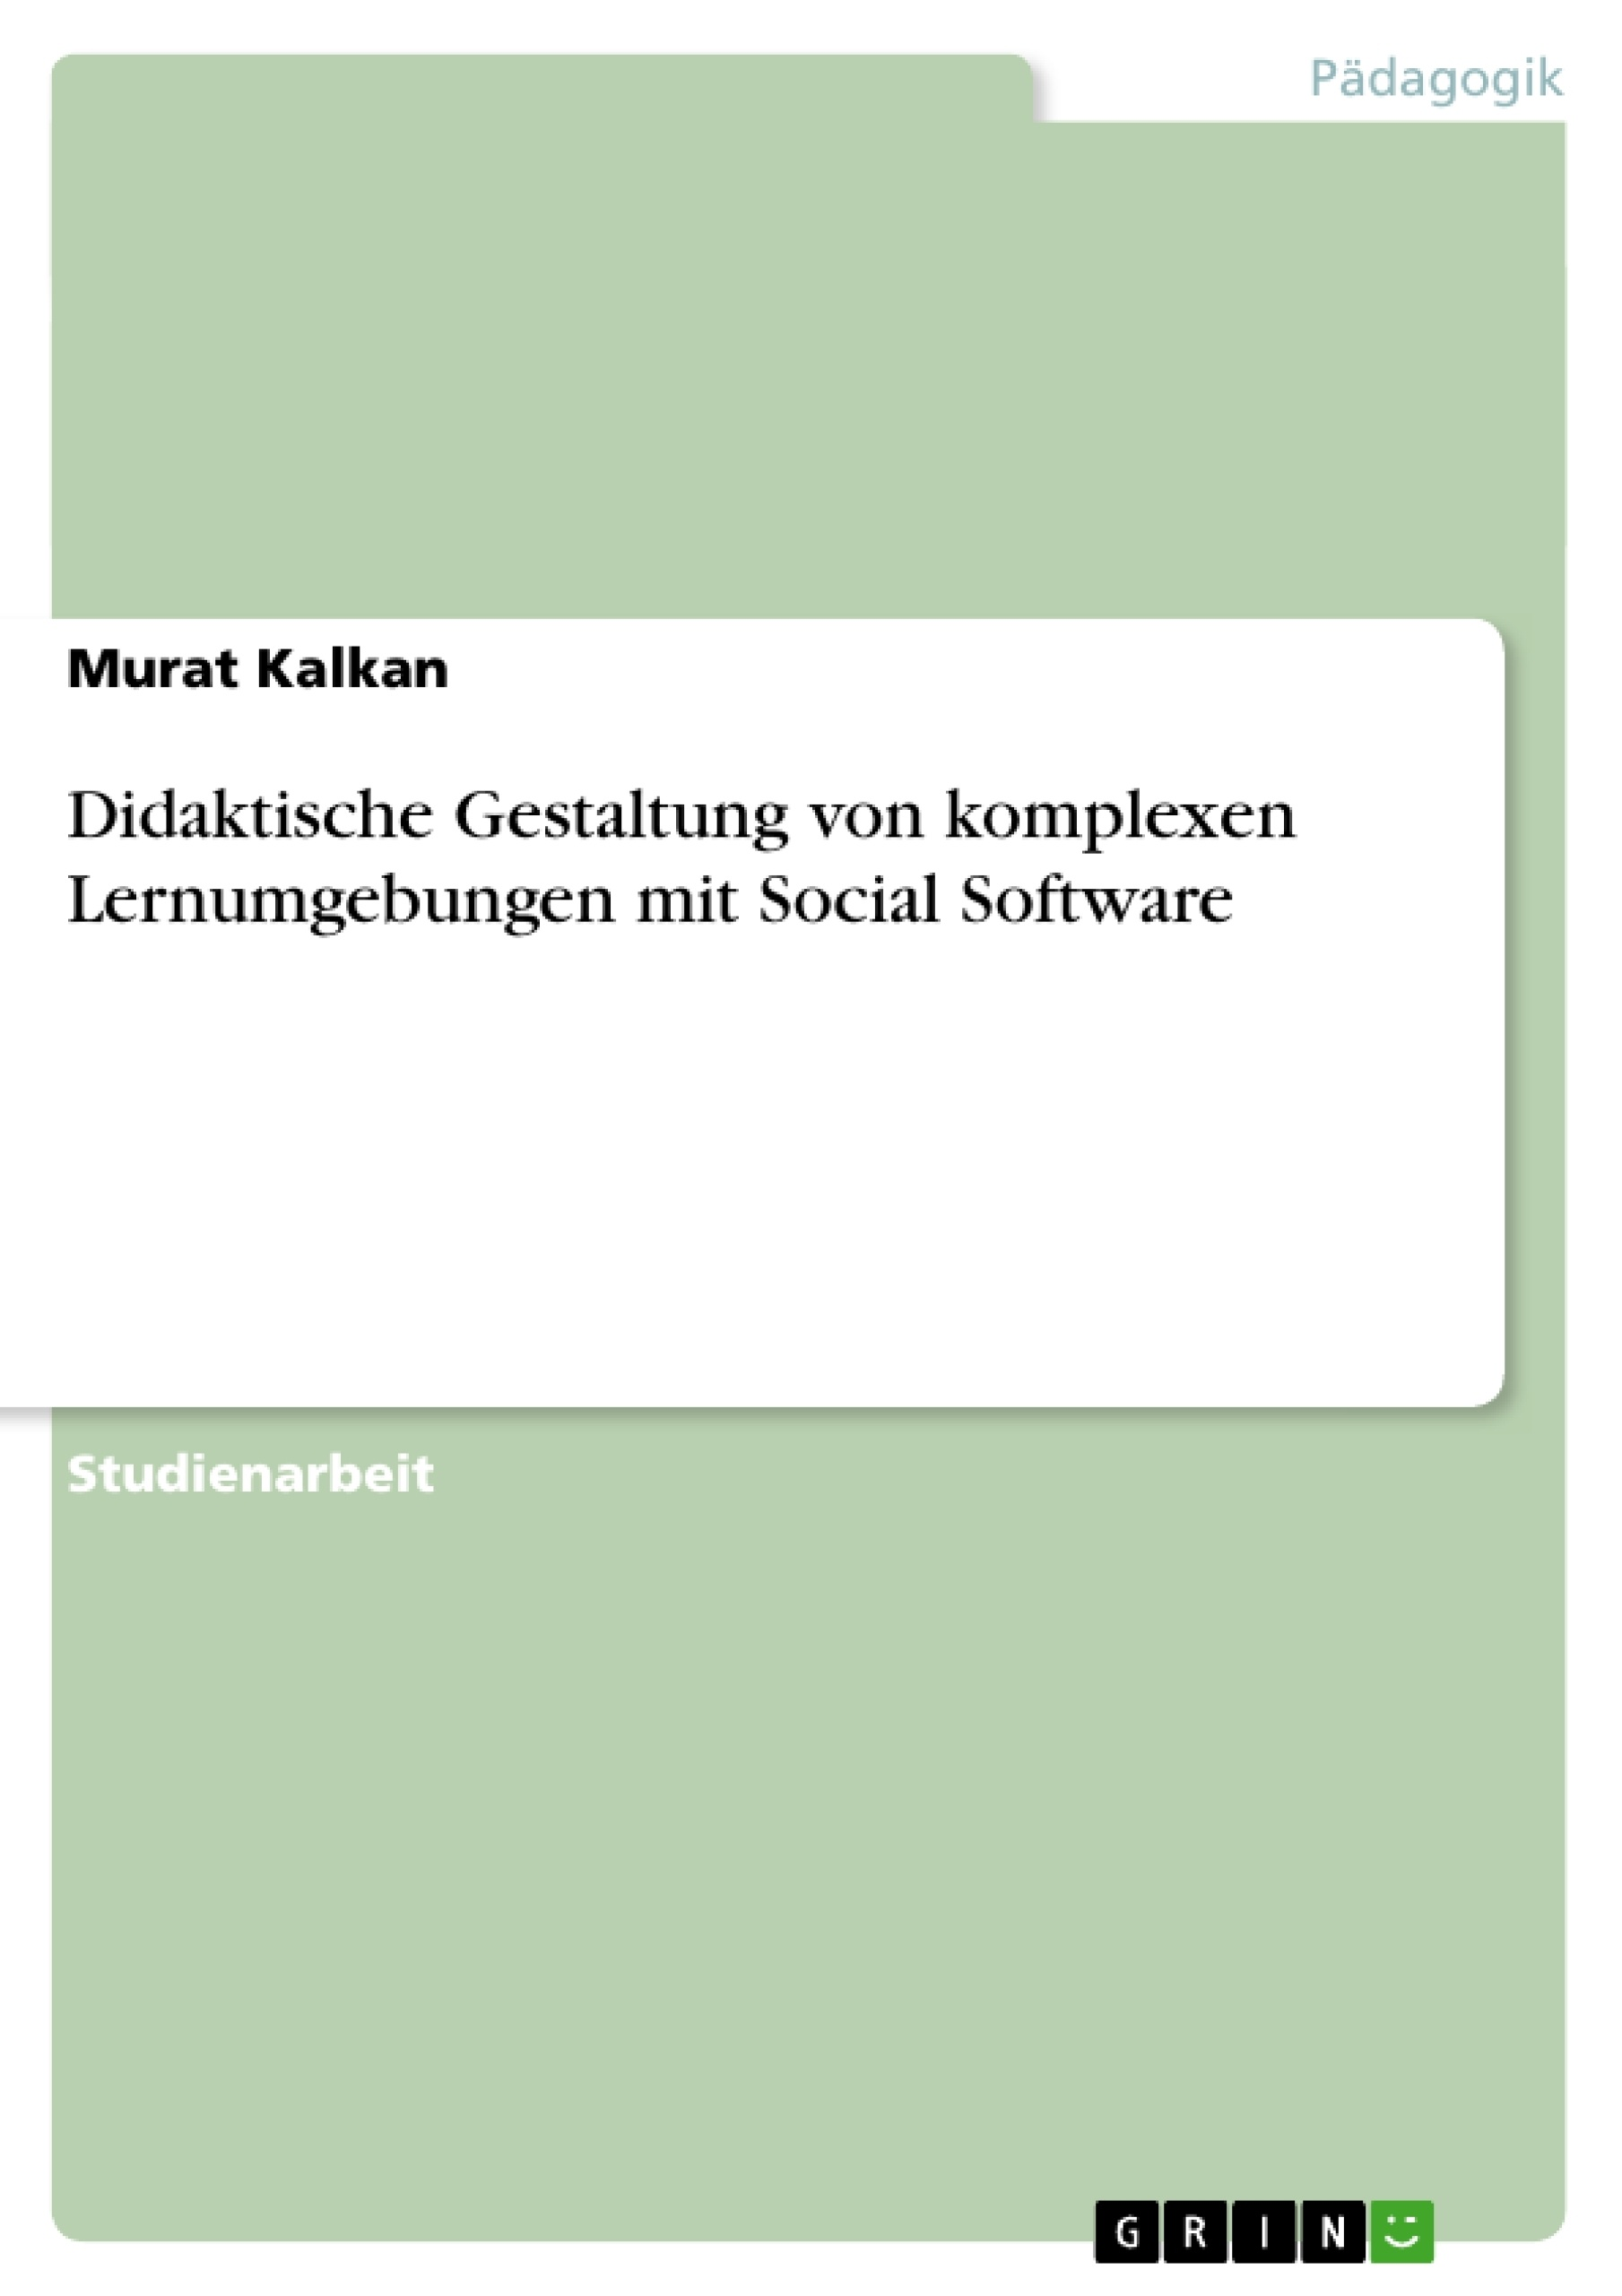 Titel: Didaktische Gestaltung von komplexen Lernumgebungen mit Social Software